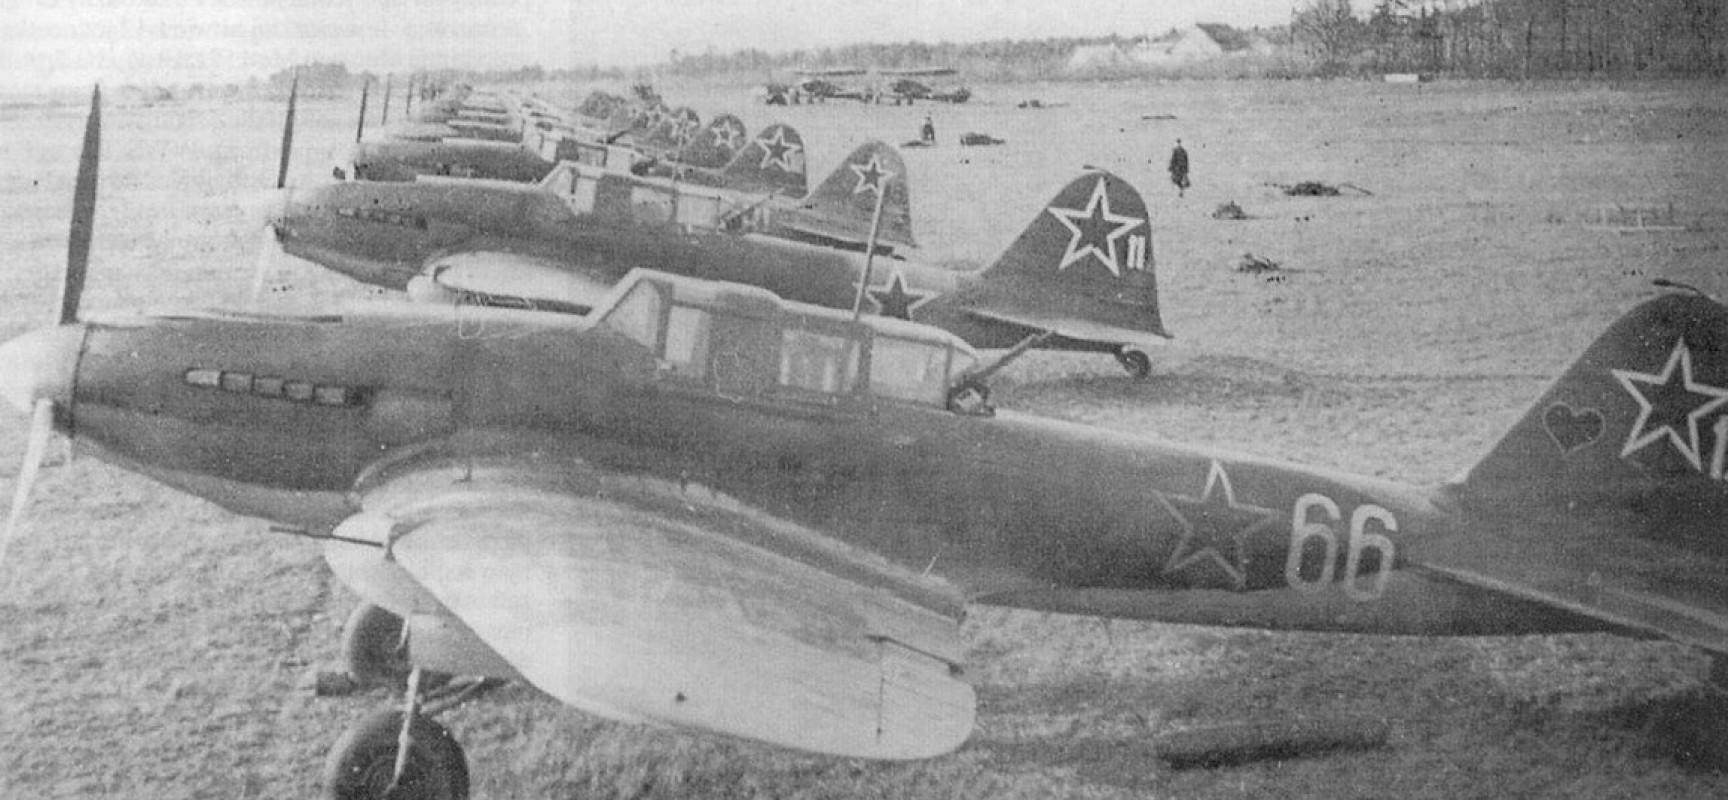 Три советских самолета-штурмовика Ил-2 найдены на дне Черного моря в районе Керчи